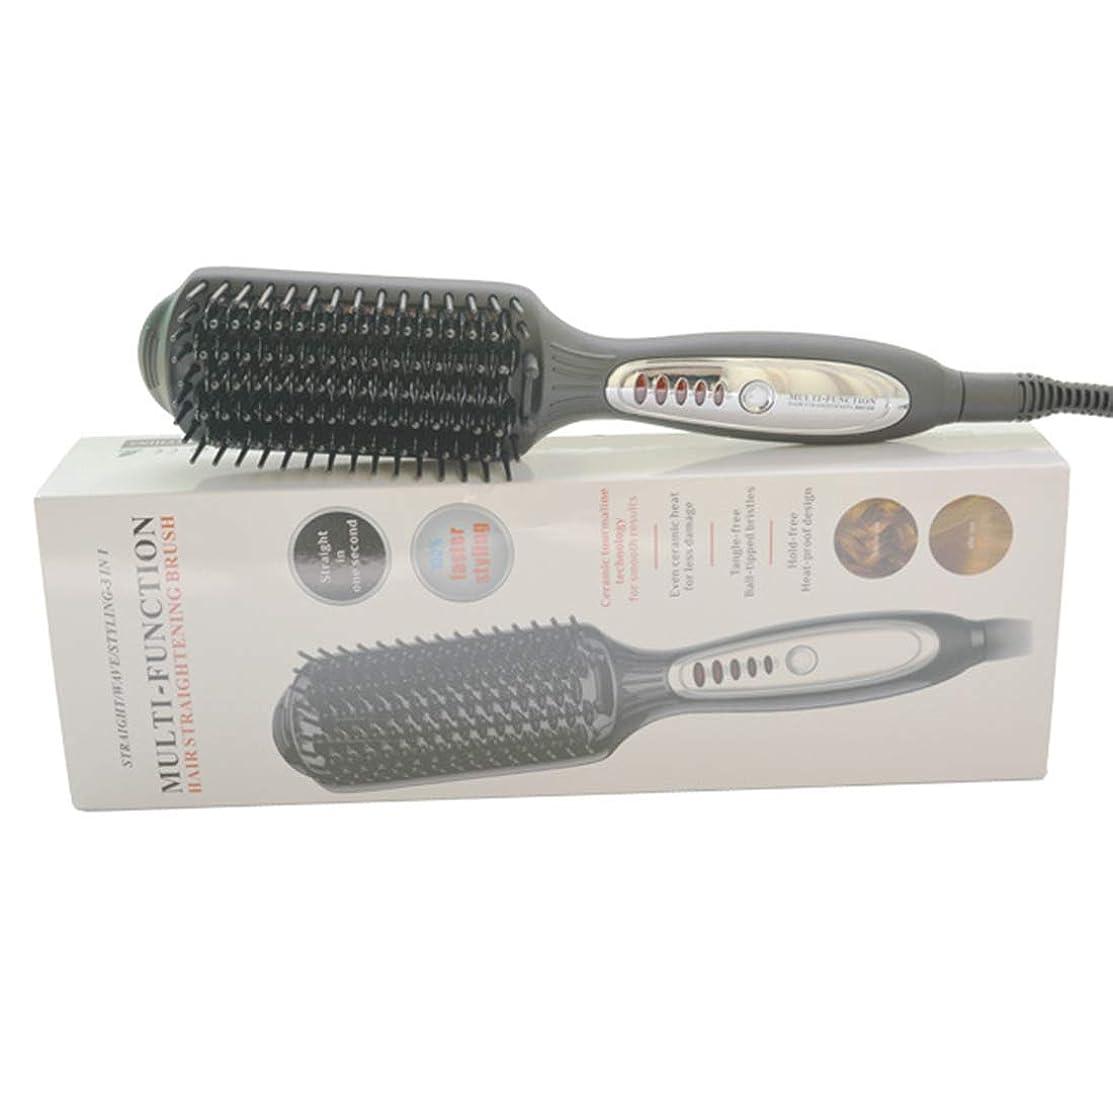 バリアカルシウム甘くするKpekey 暖房電気ストレートヘアコームLED温度制御マイナスイオンヘアストレートナー (色 : 黒)